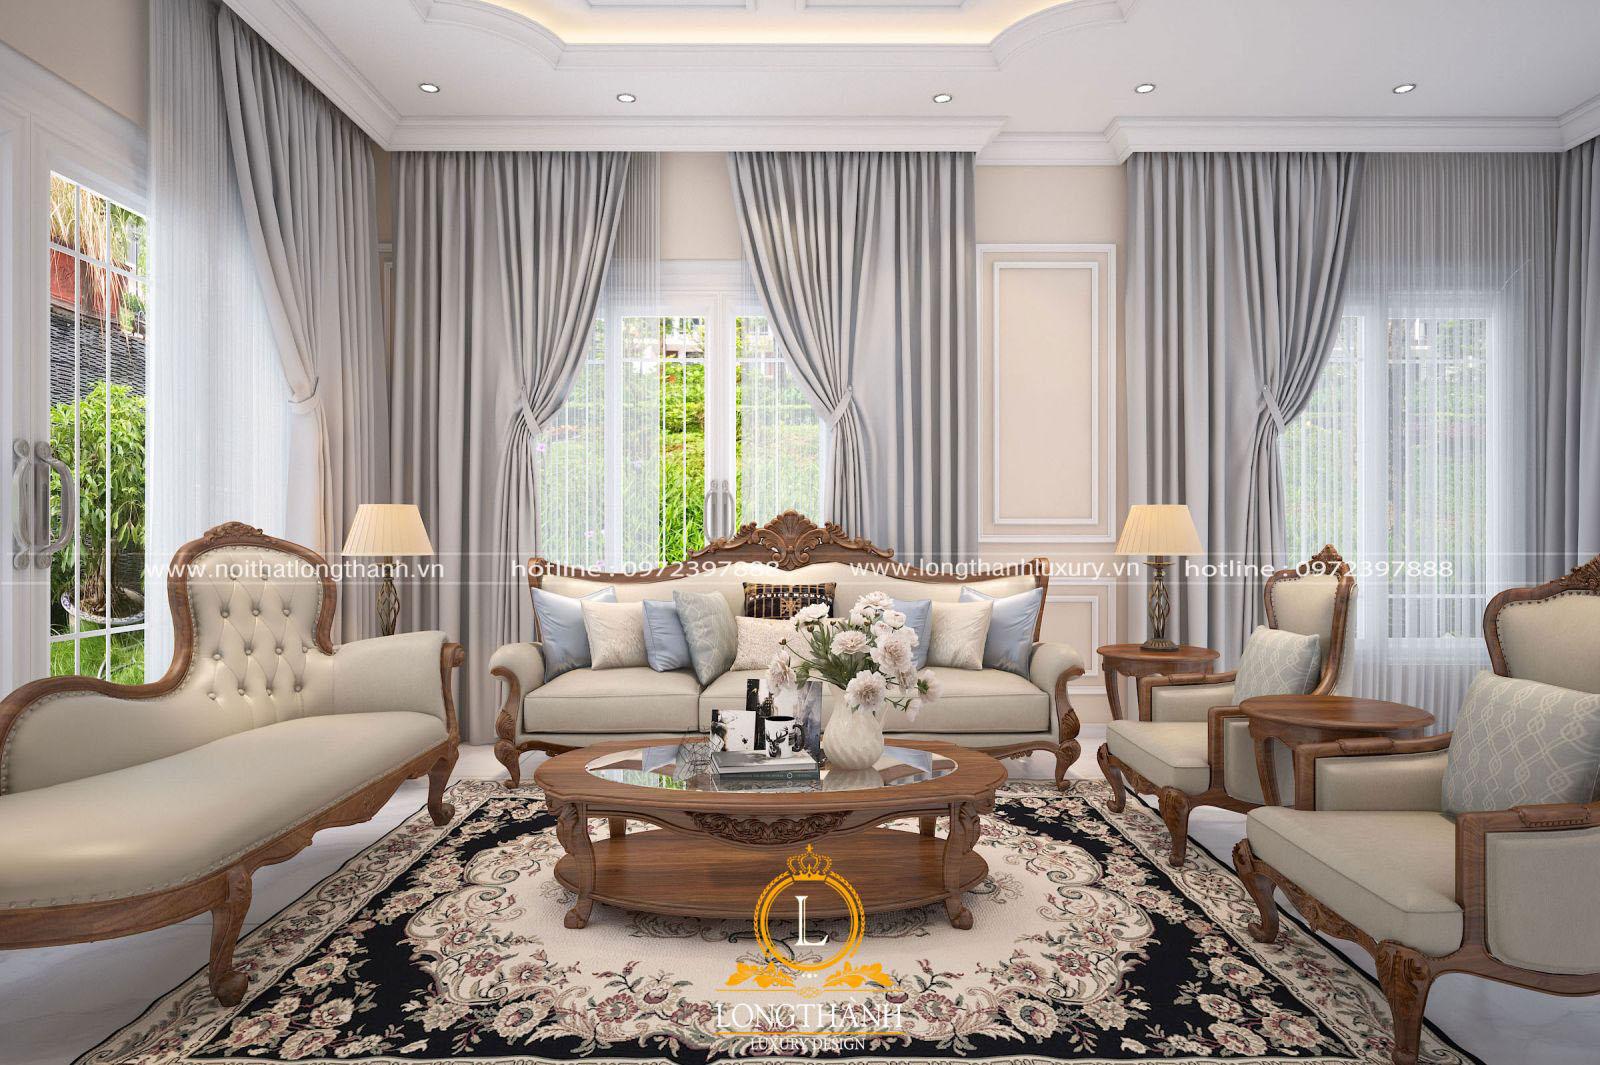 Mẫu sofa tân cổ điển đẹp LT13 góc nhìn chính diện